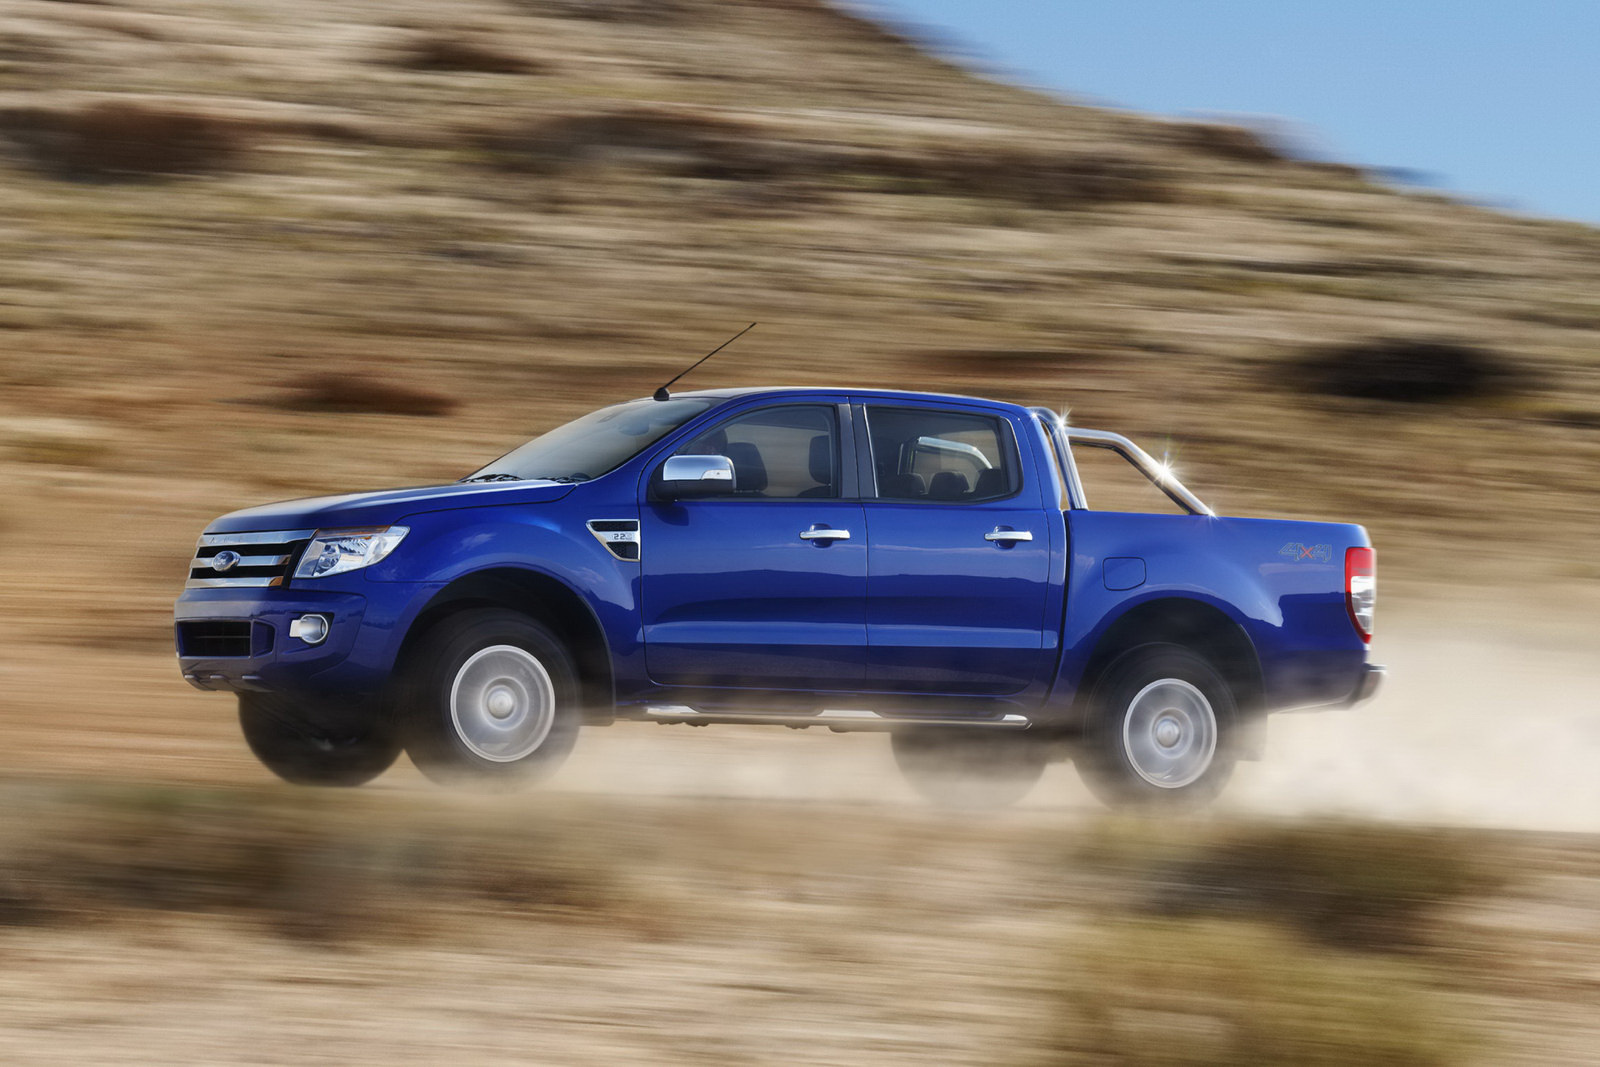 ford ranger pickup truck 2012 automotive news. Black Bedroom Furniture Sets. Home Design Ideas